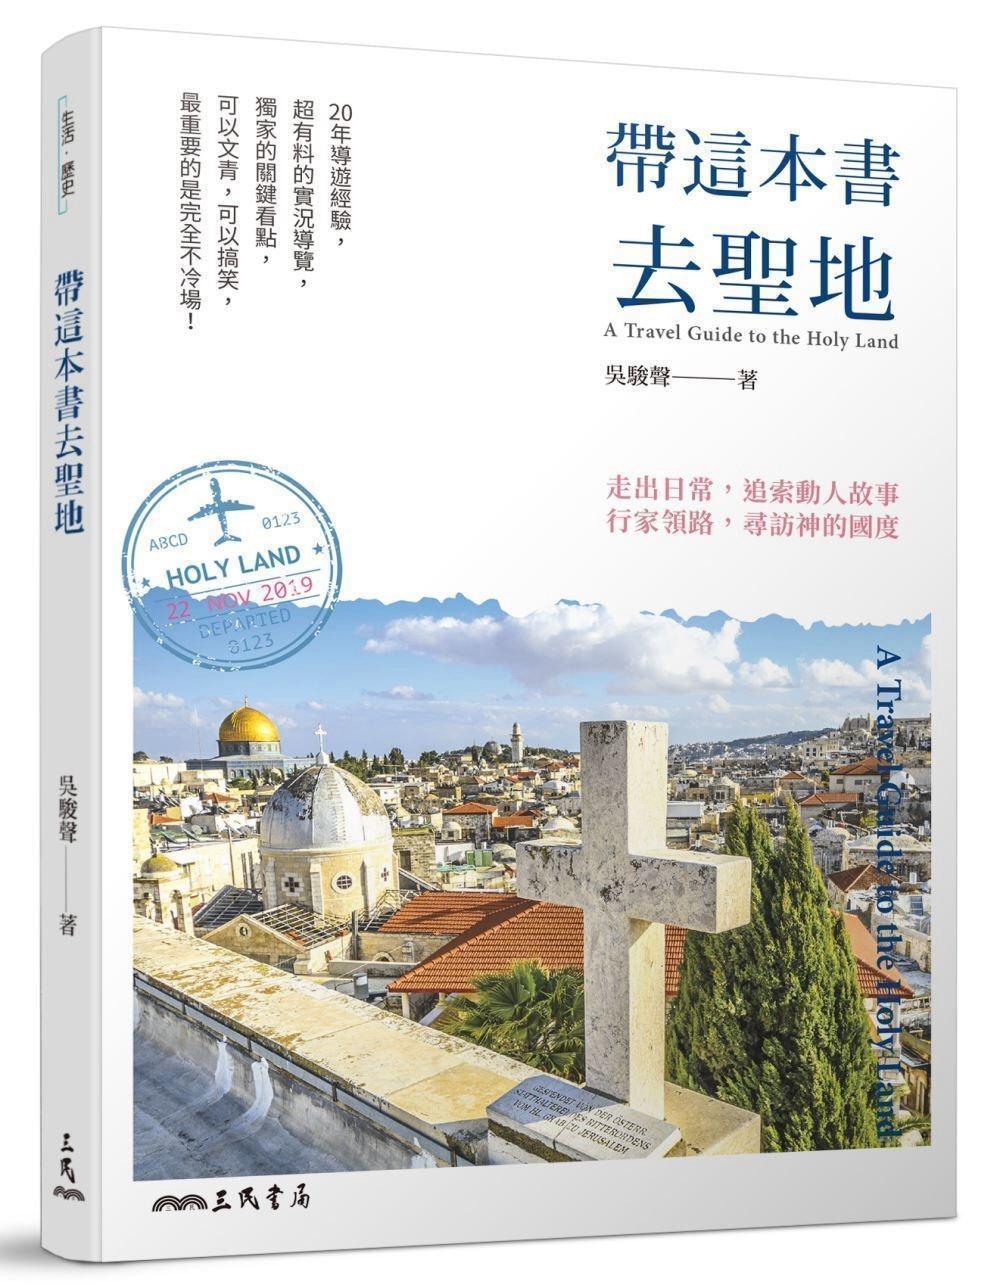 帶這本書去聖地